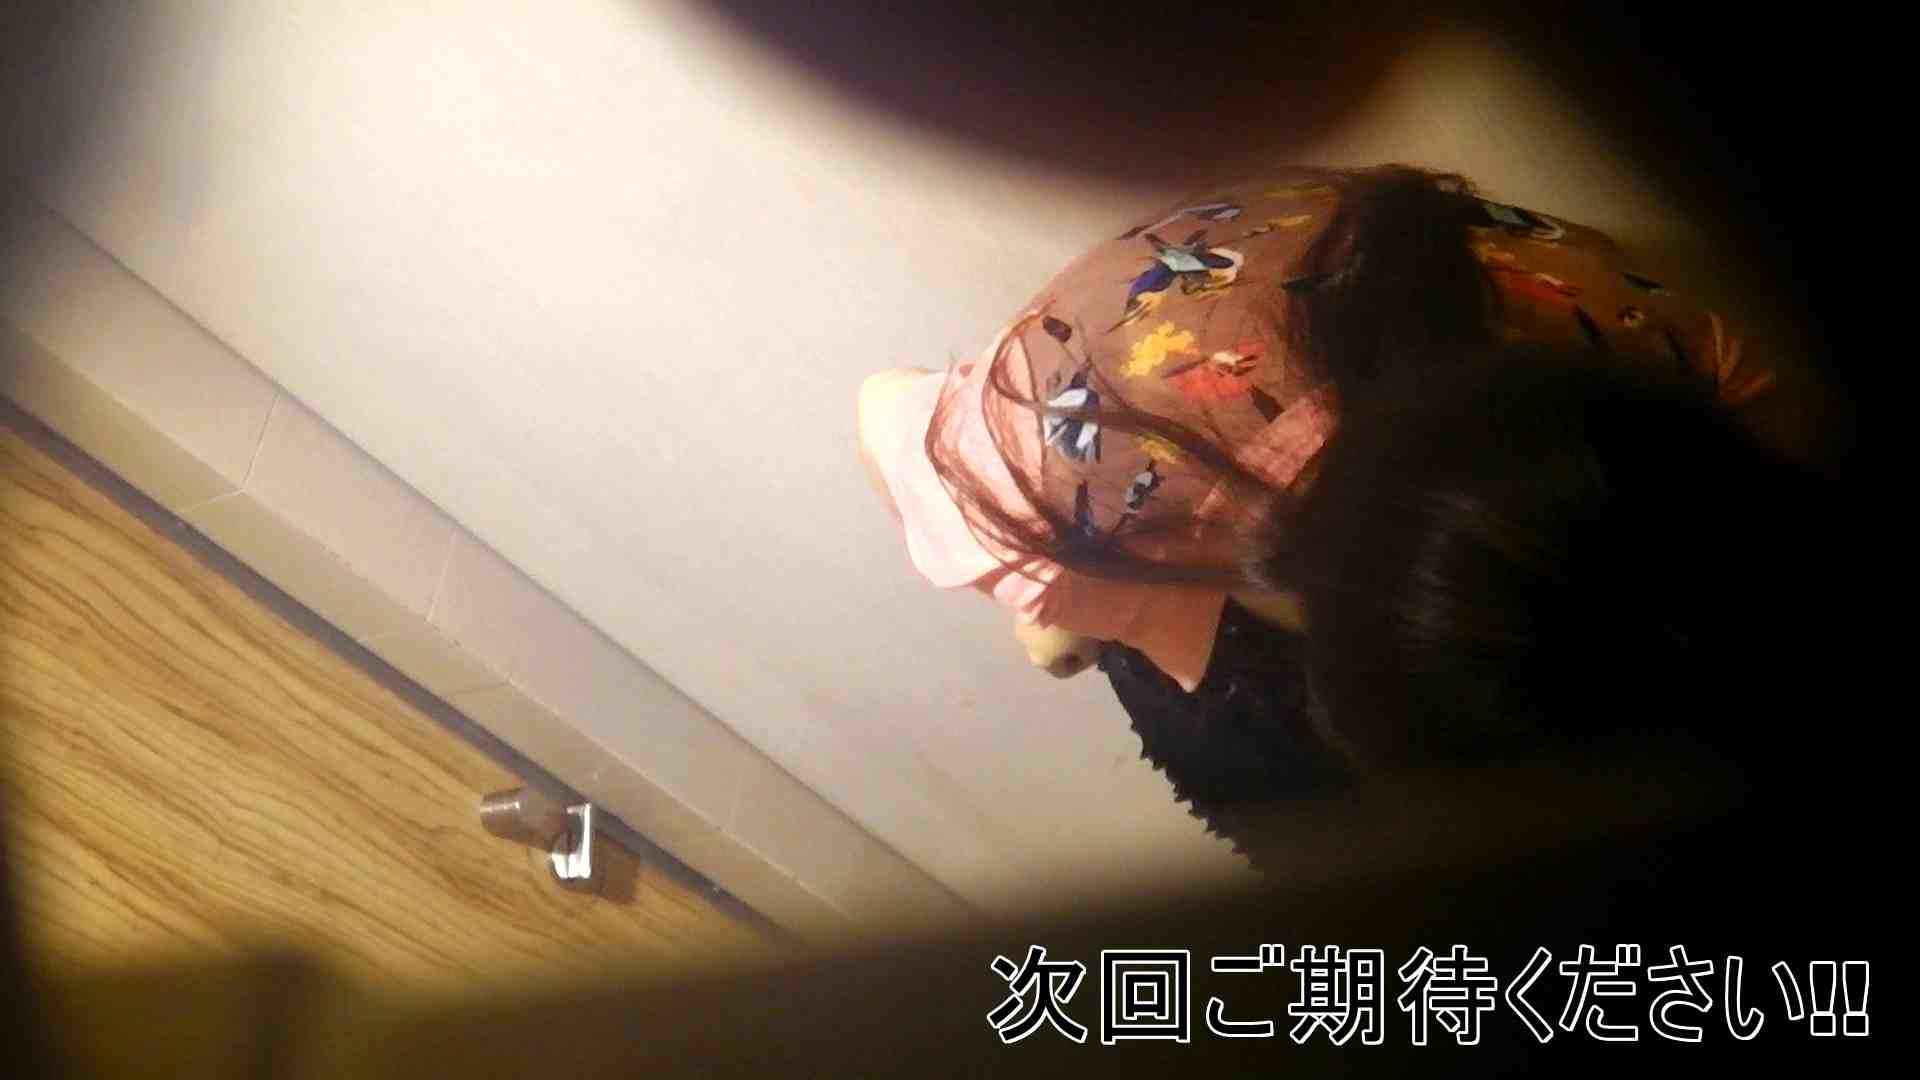 阿国ちゃんの「和式洋式七変化」No.5 洗面所 アダルト動画キャプチャ 67画像 16